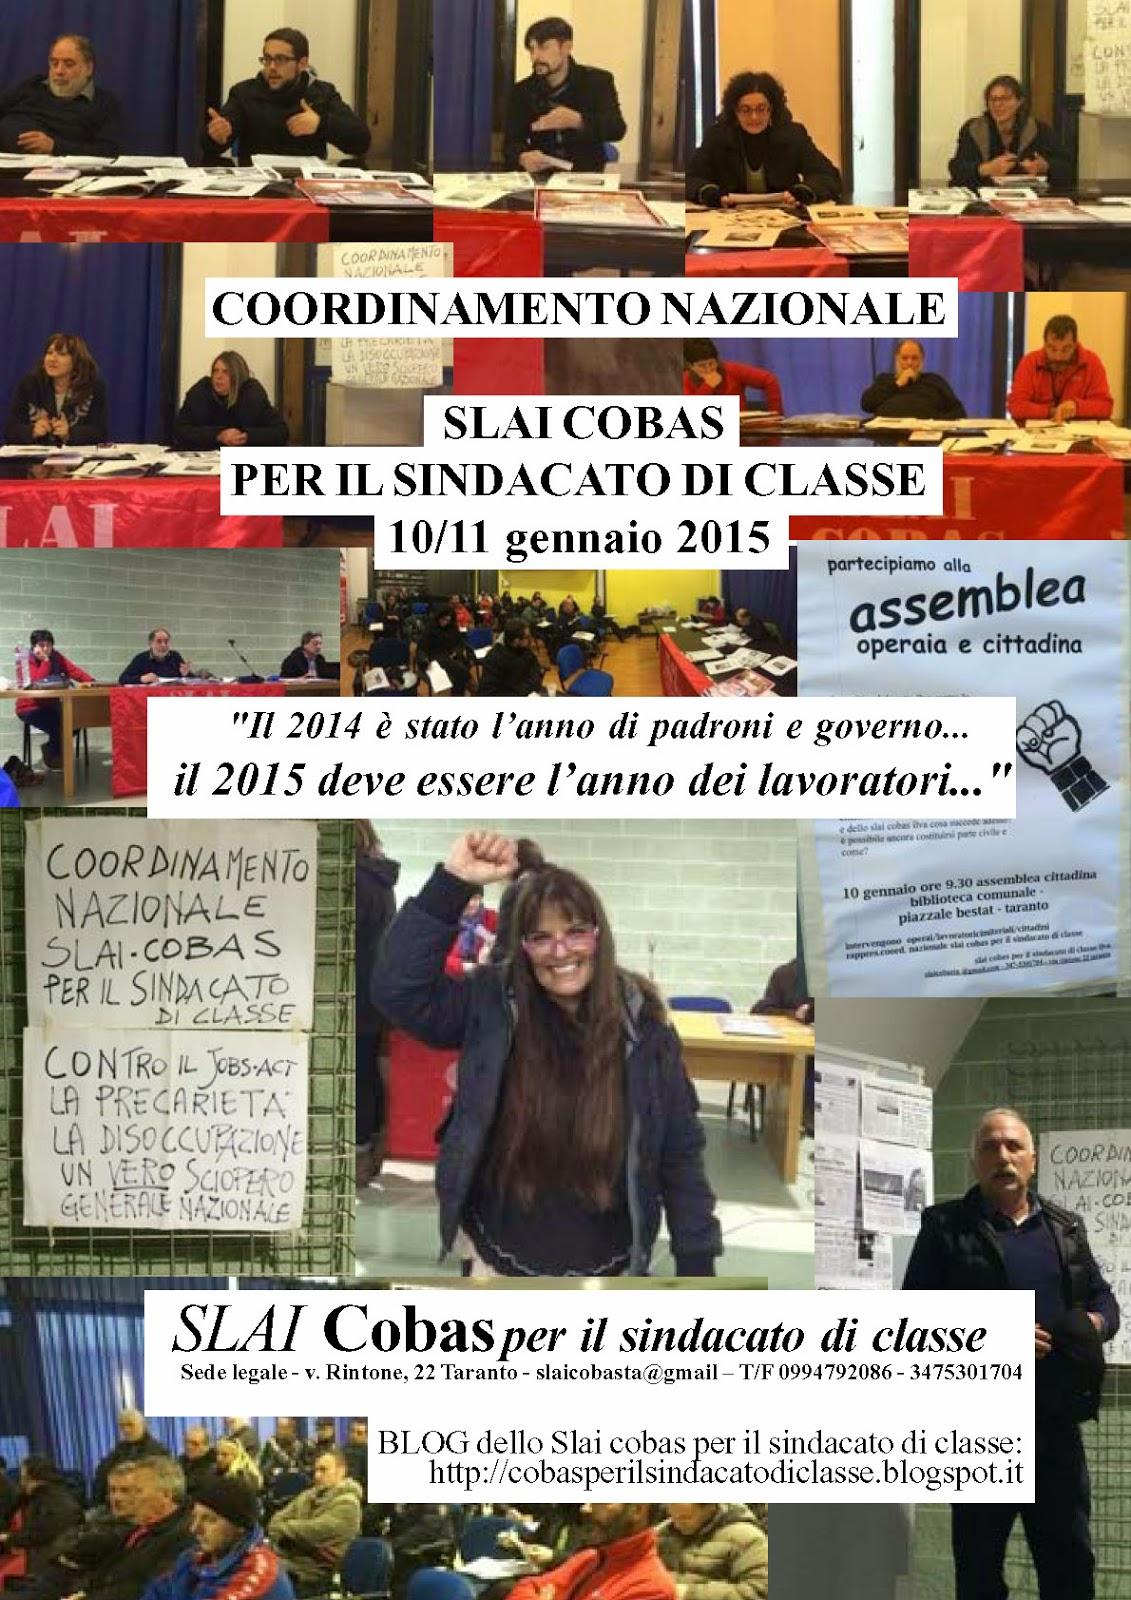 http://digilander.libero.it/fl194/CoorNazSCgen2015OK.pdf